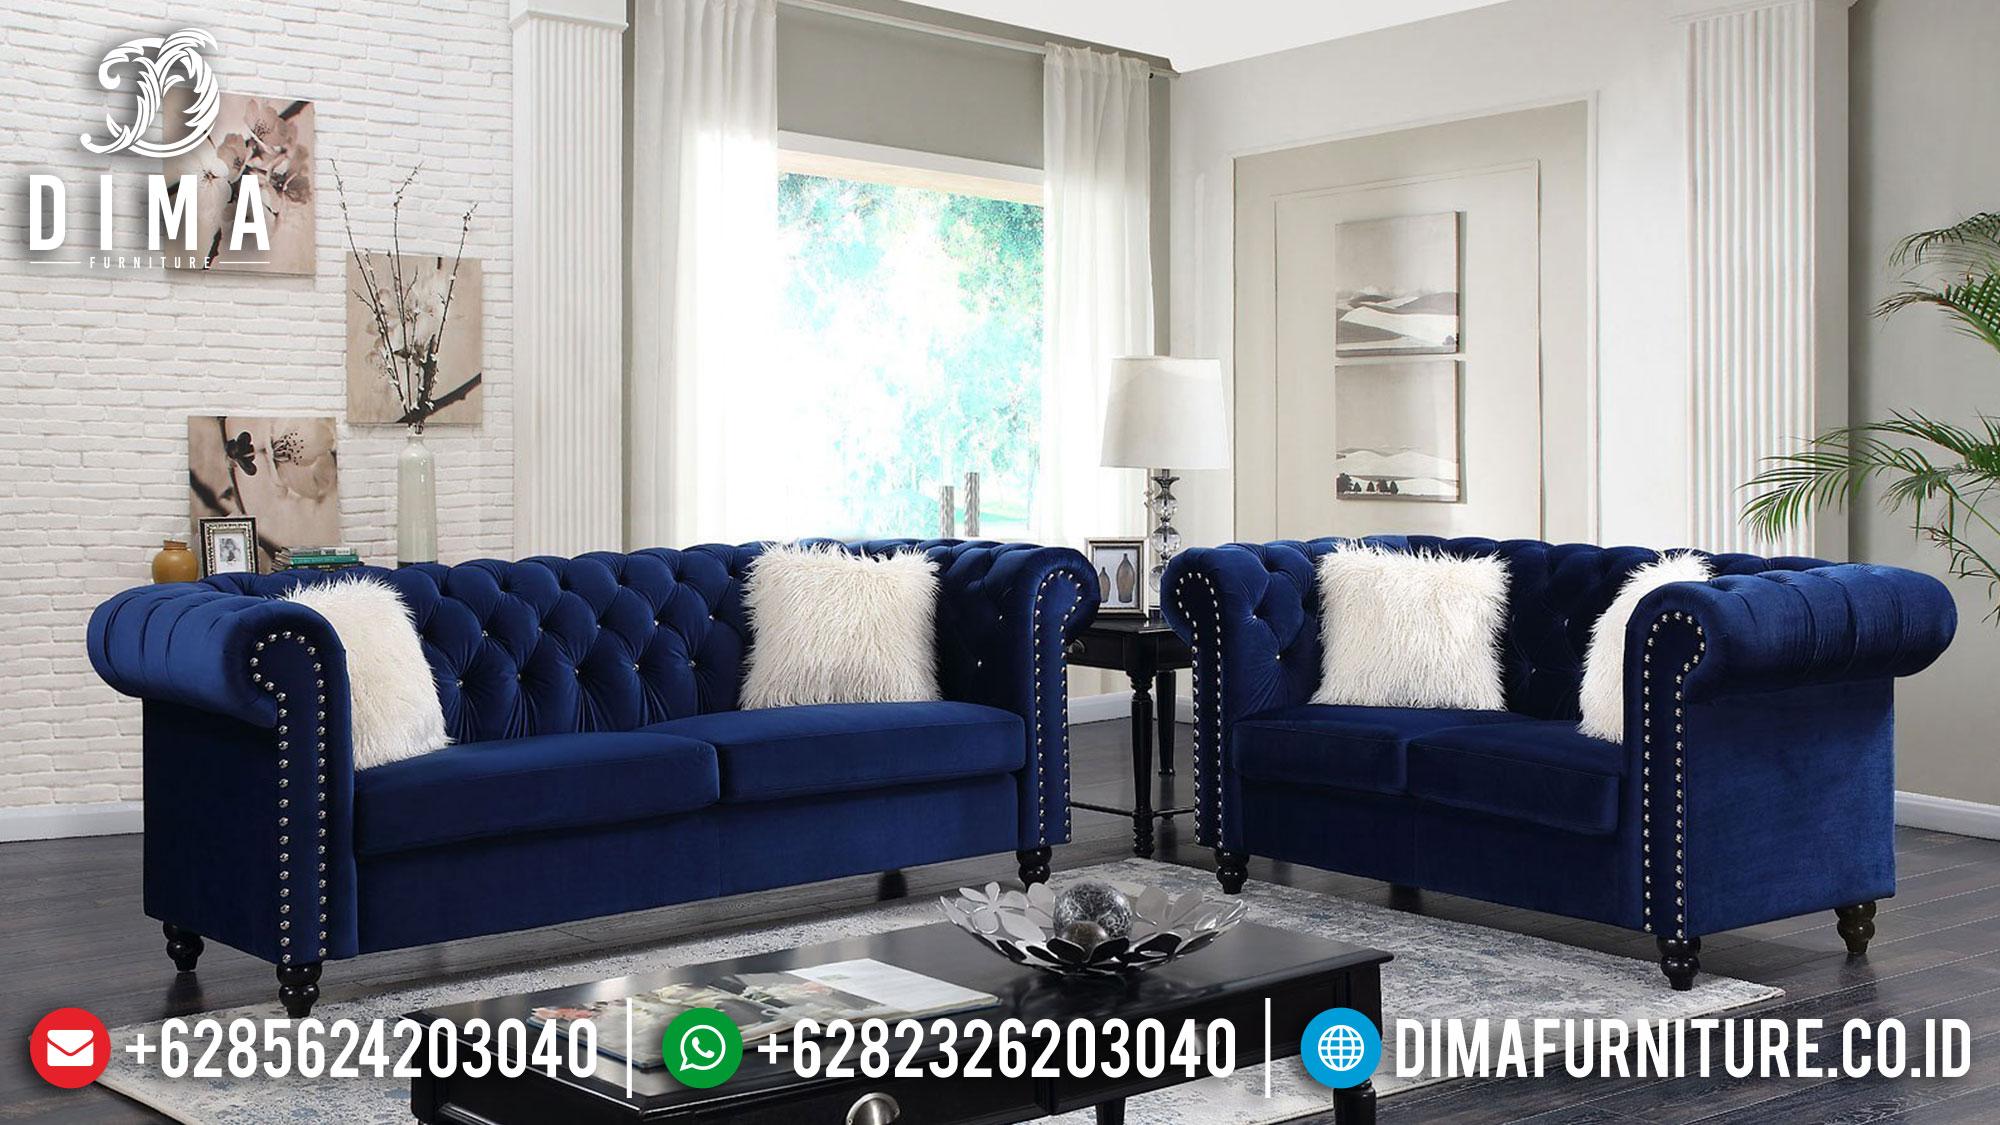 Alexis Sofa Tamu Minimalis Sale Furniture Jepara Murah Berkualitas Ttj-1479